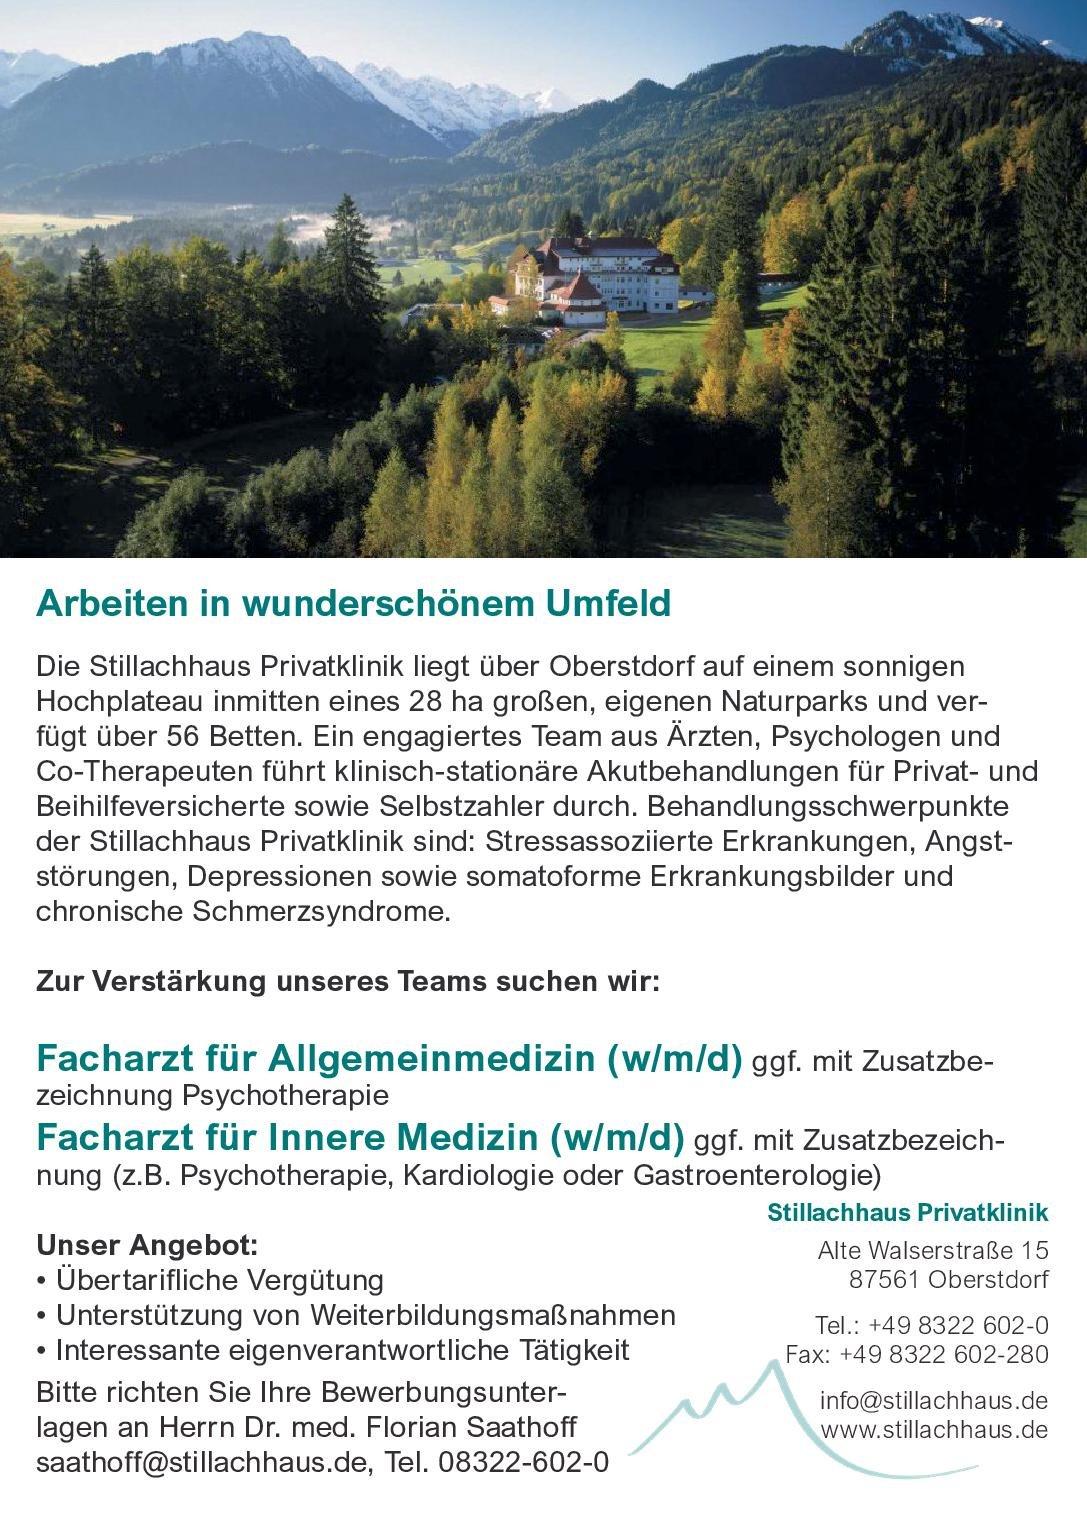 Stillachhaus Privatklinik Facharzt für Allgemeinmedizin (w/m/d) Allgemeinmedizin Arzt / Facharzt